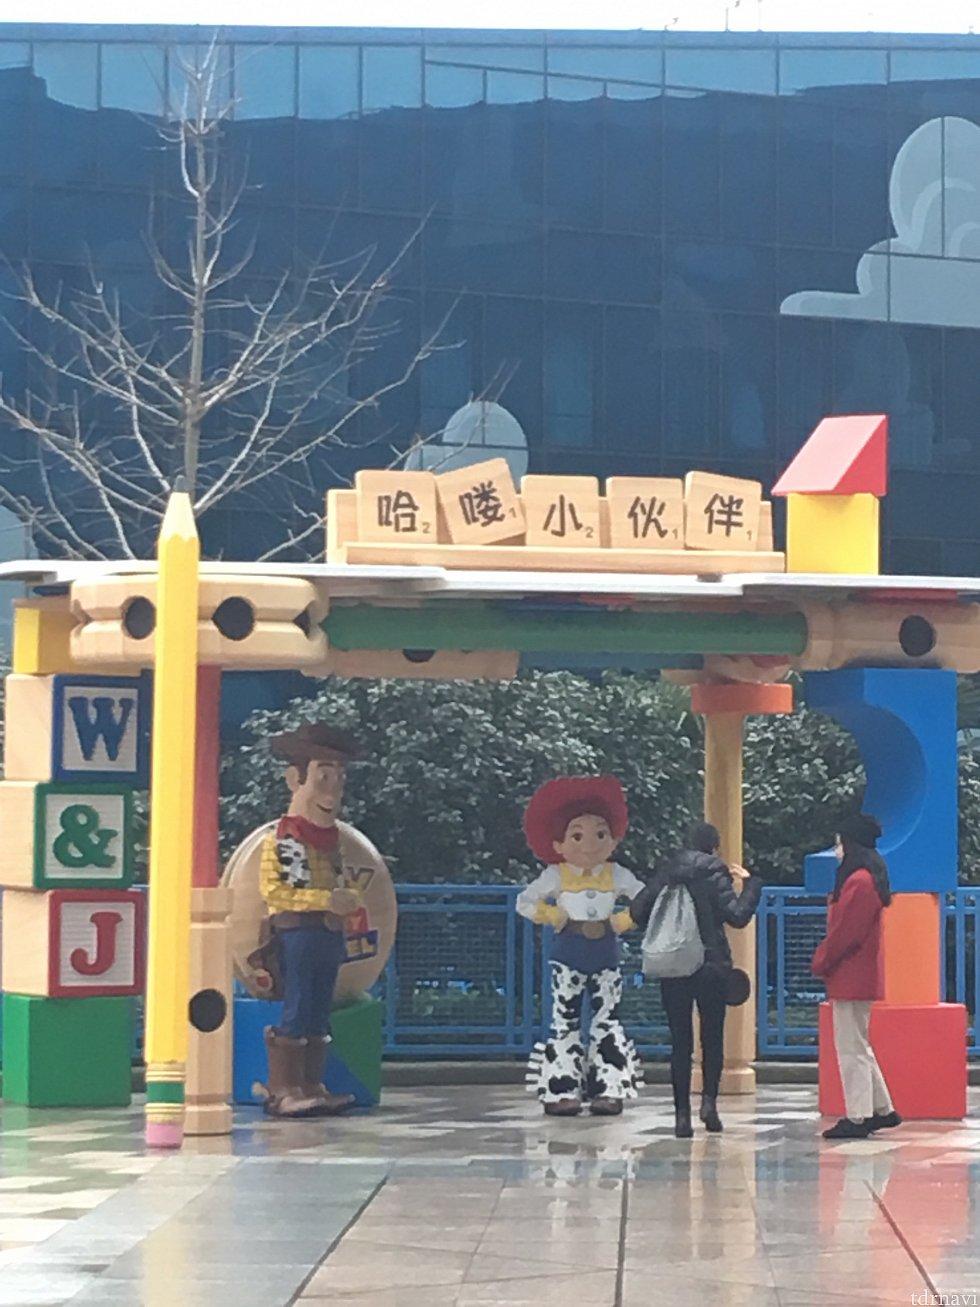 とっても暇そうなウッディとジェシー。 日本では考えられません。。